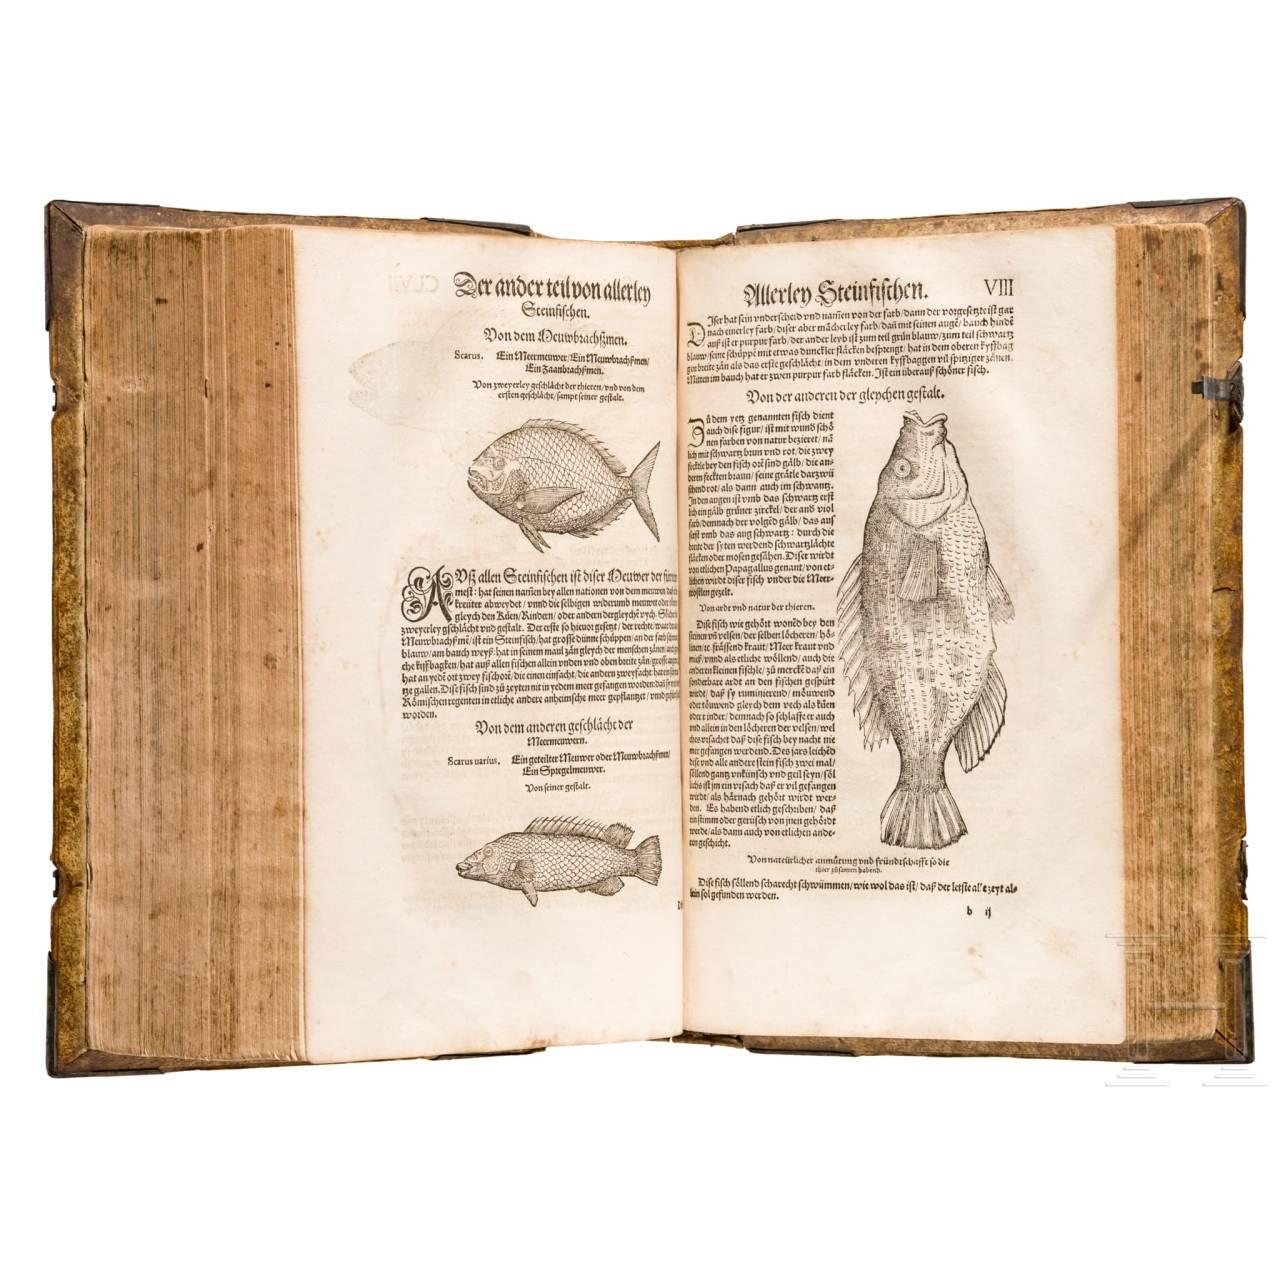 """Conrad Gesner, three main works in one volume: """"Vogelbuch, Thierbuch, Fischbuch"""", Zurich, Froschauer, 1557/1563"""